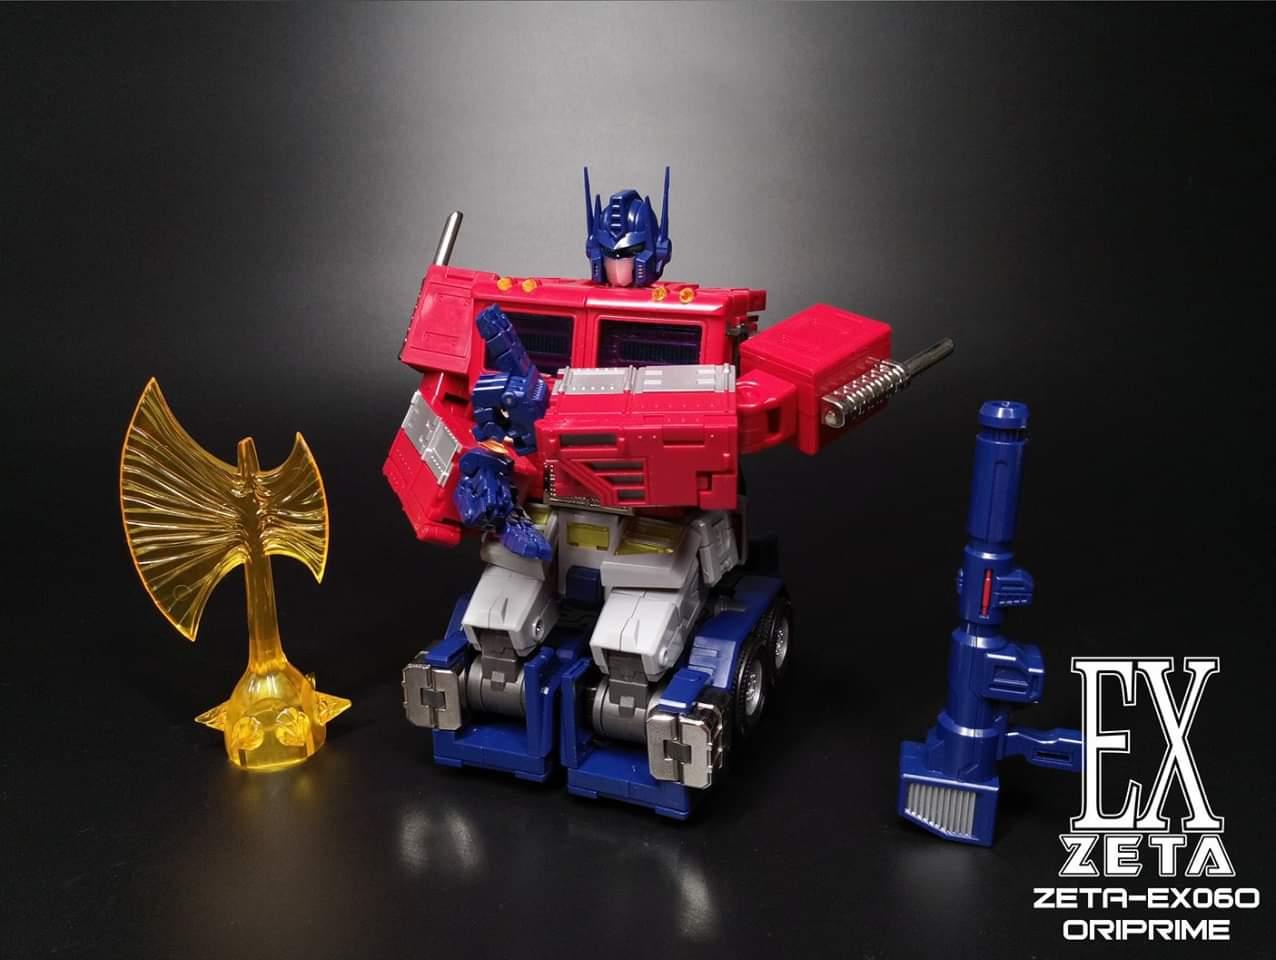 [ToyWorld][ZetaToys] Produit Tiers - TW-M01 Primorion/Zeta-EX6O OriPrime et Zeta -EX6E EvaPrime - aka Optimus (G1 et Evangelion) - Page 3 2Mm5sNna_o